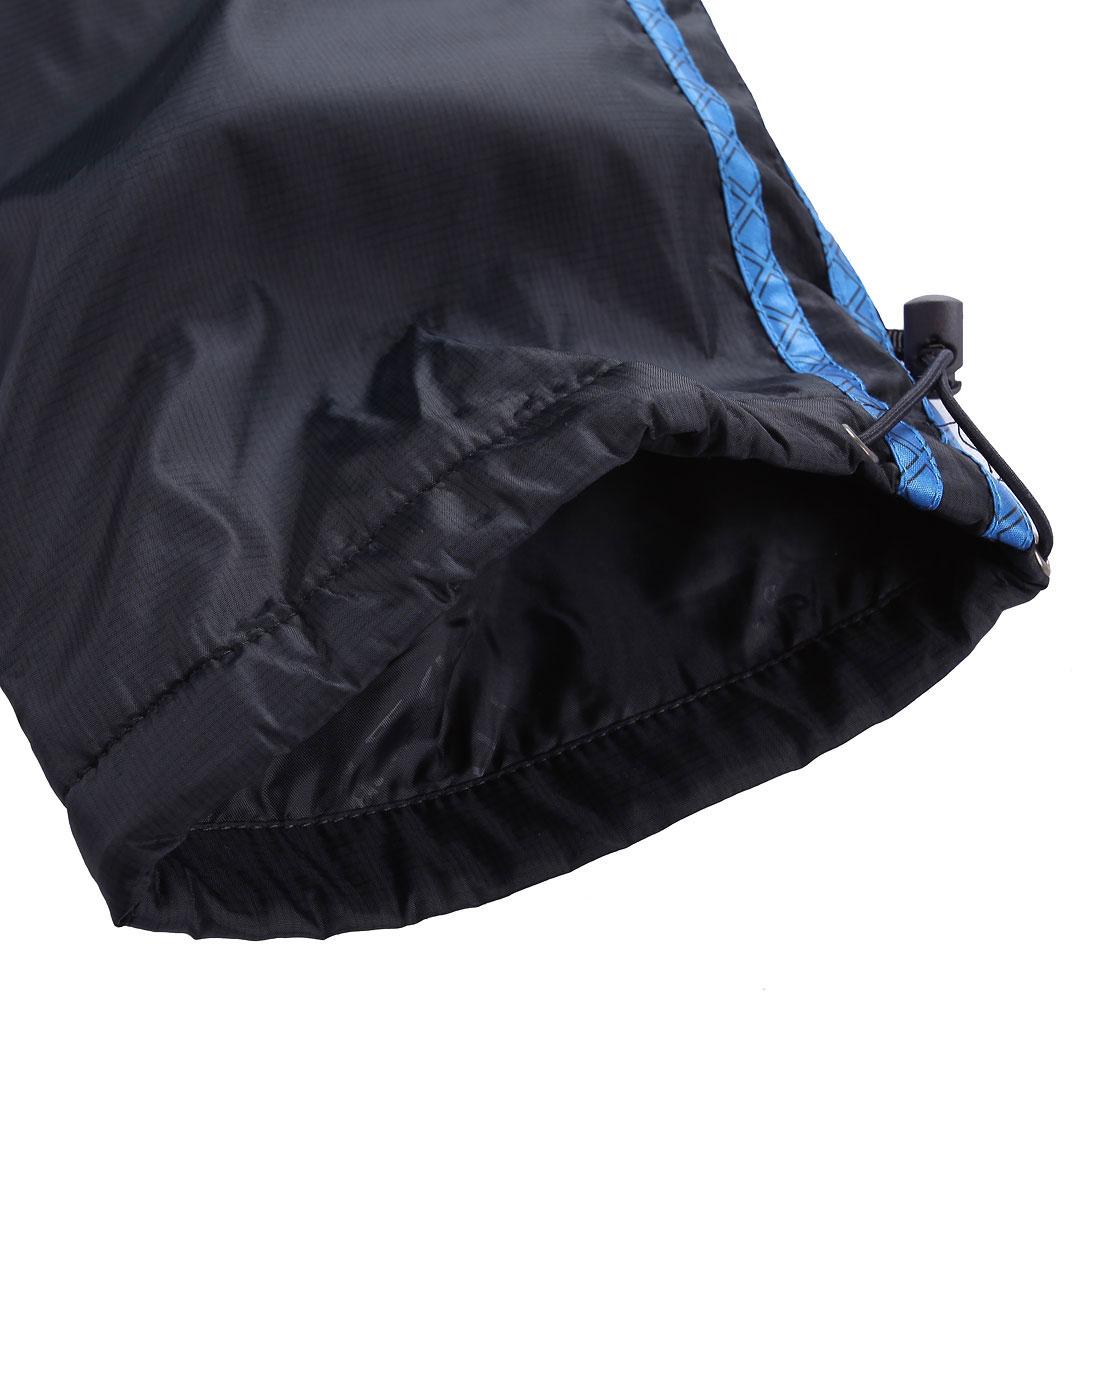 包裤子步骤图片